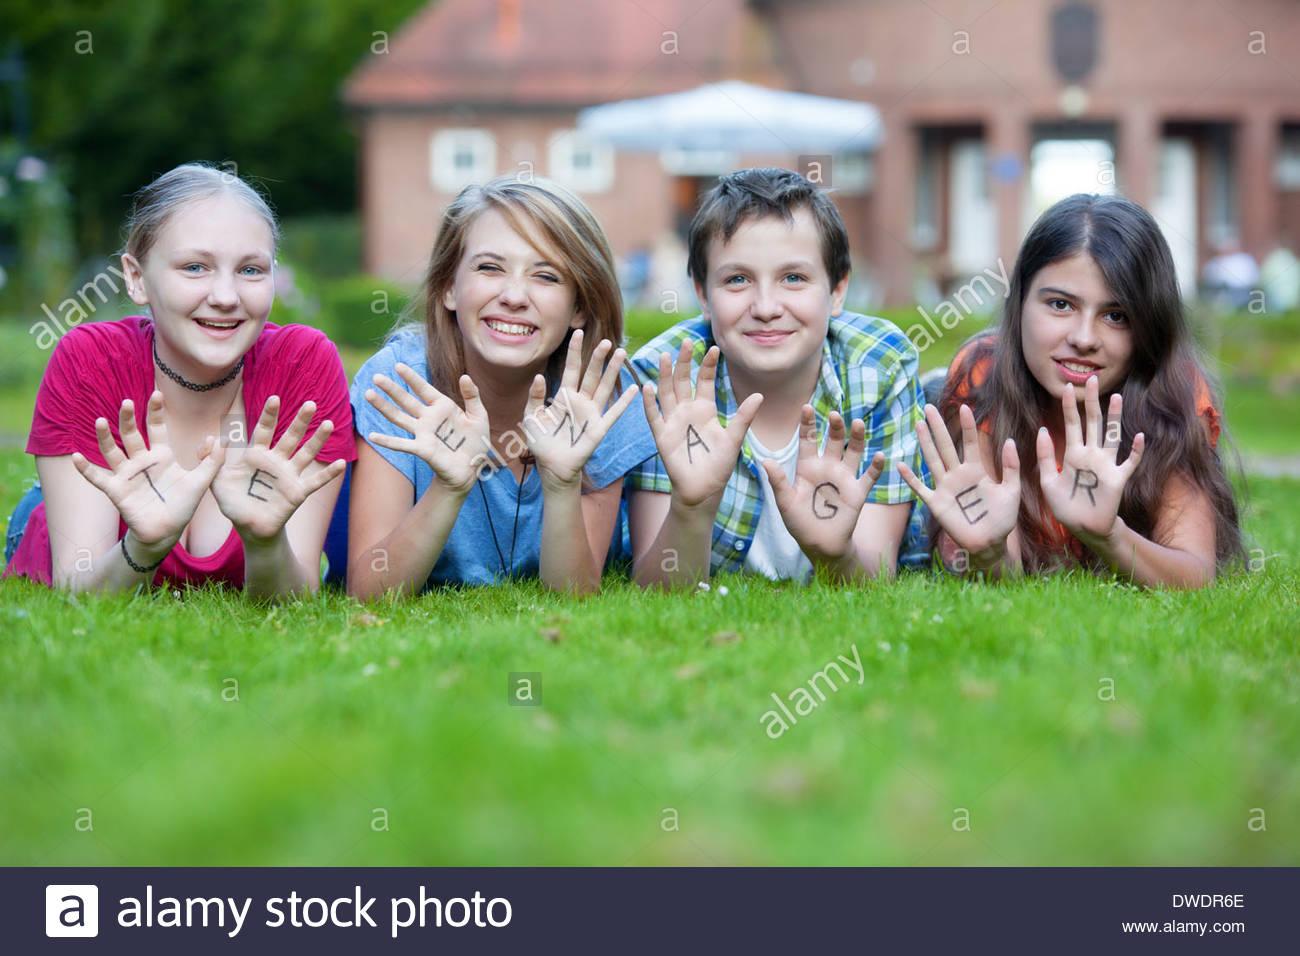 Drei Mädchen und ein Junge, die zusammen die Wort Teenager auf ihre Handflächen zeigen Stockfoto